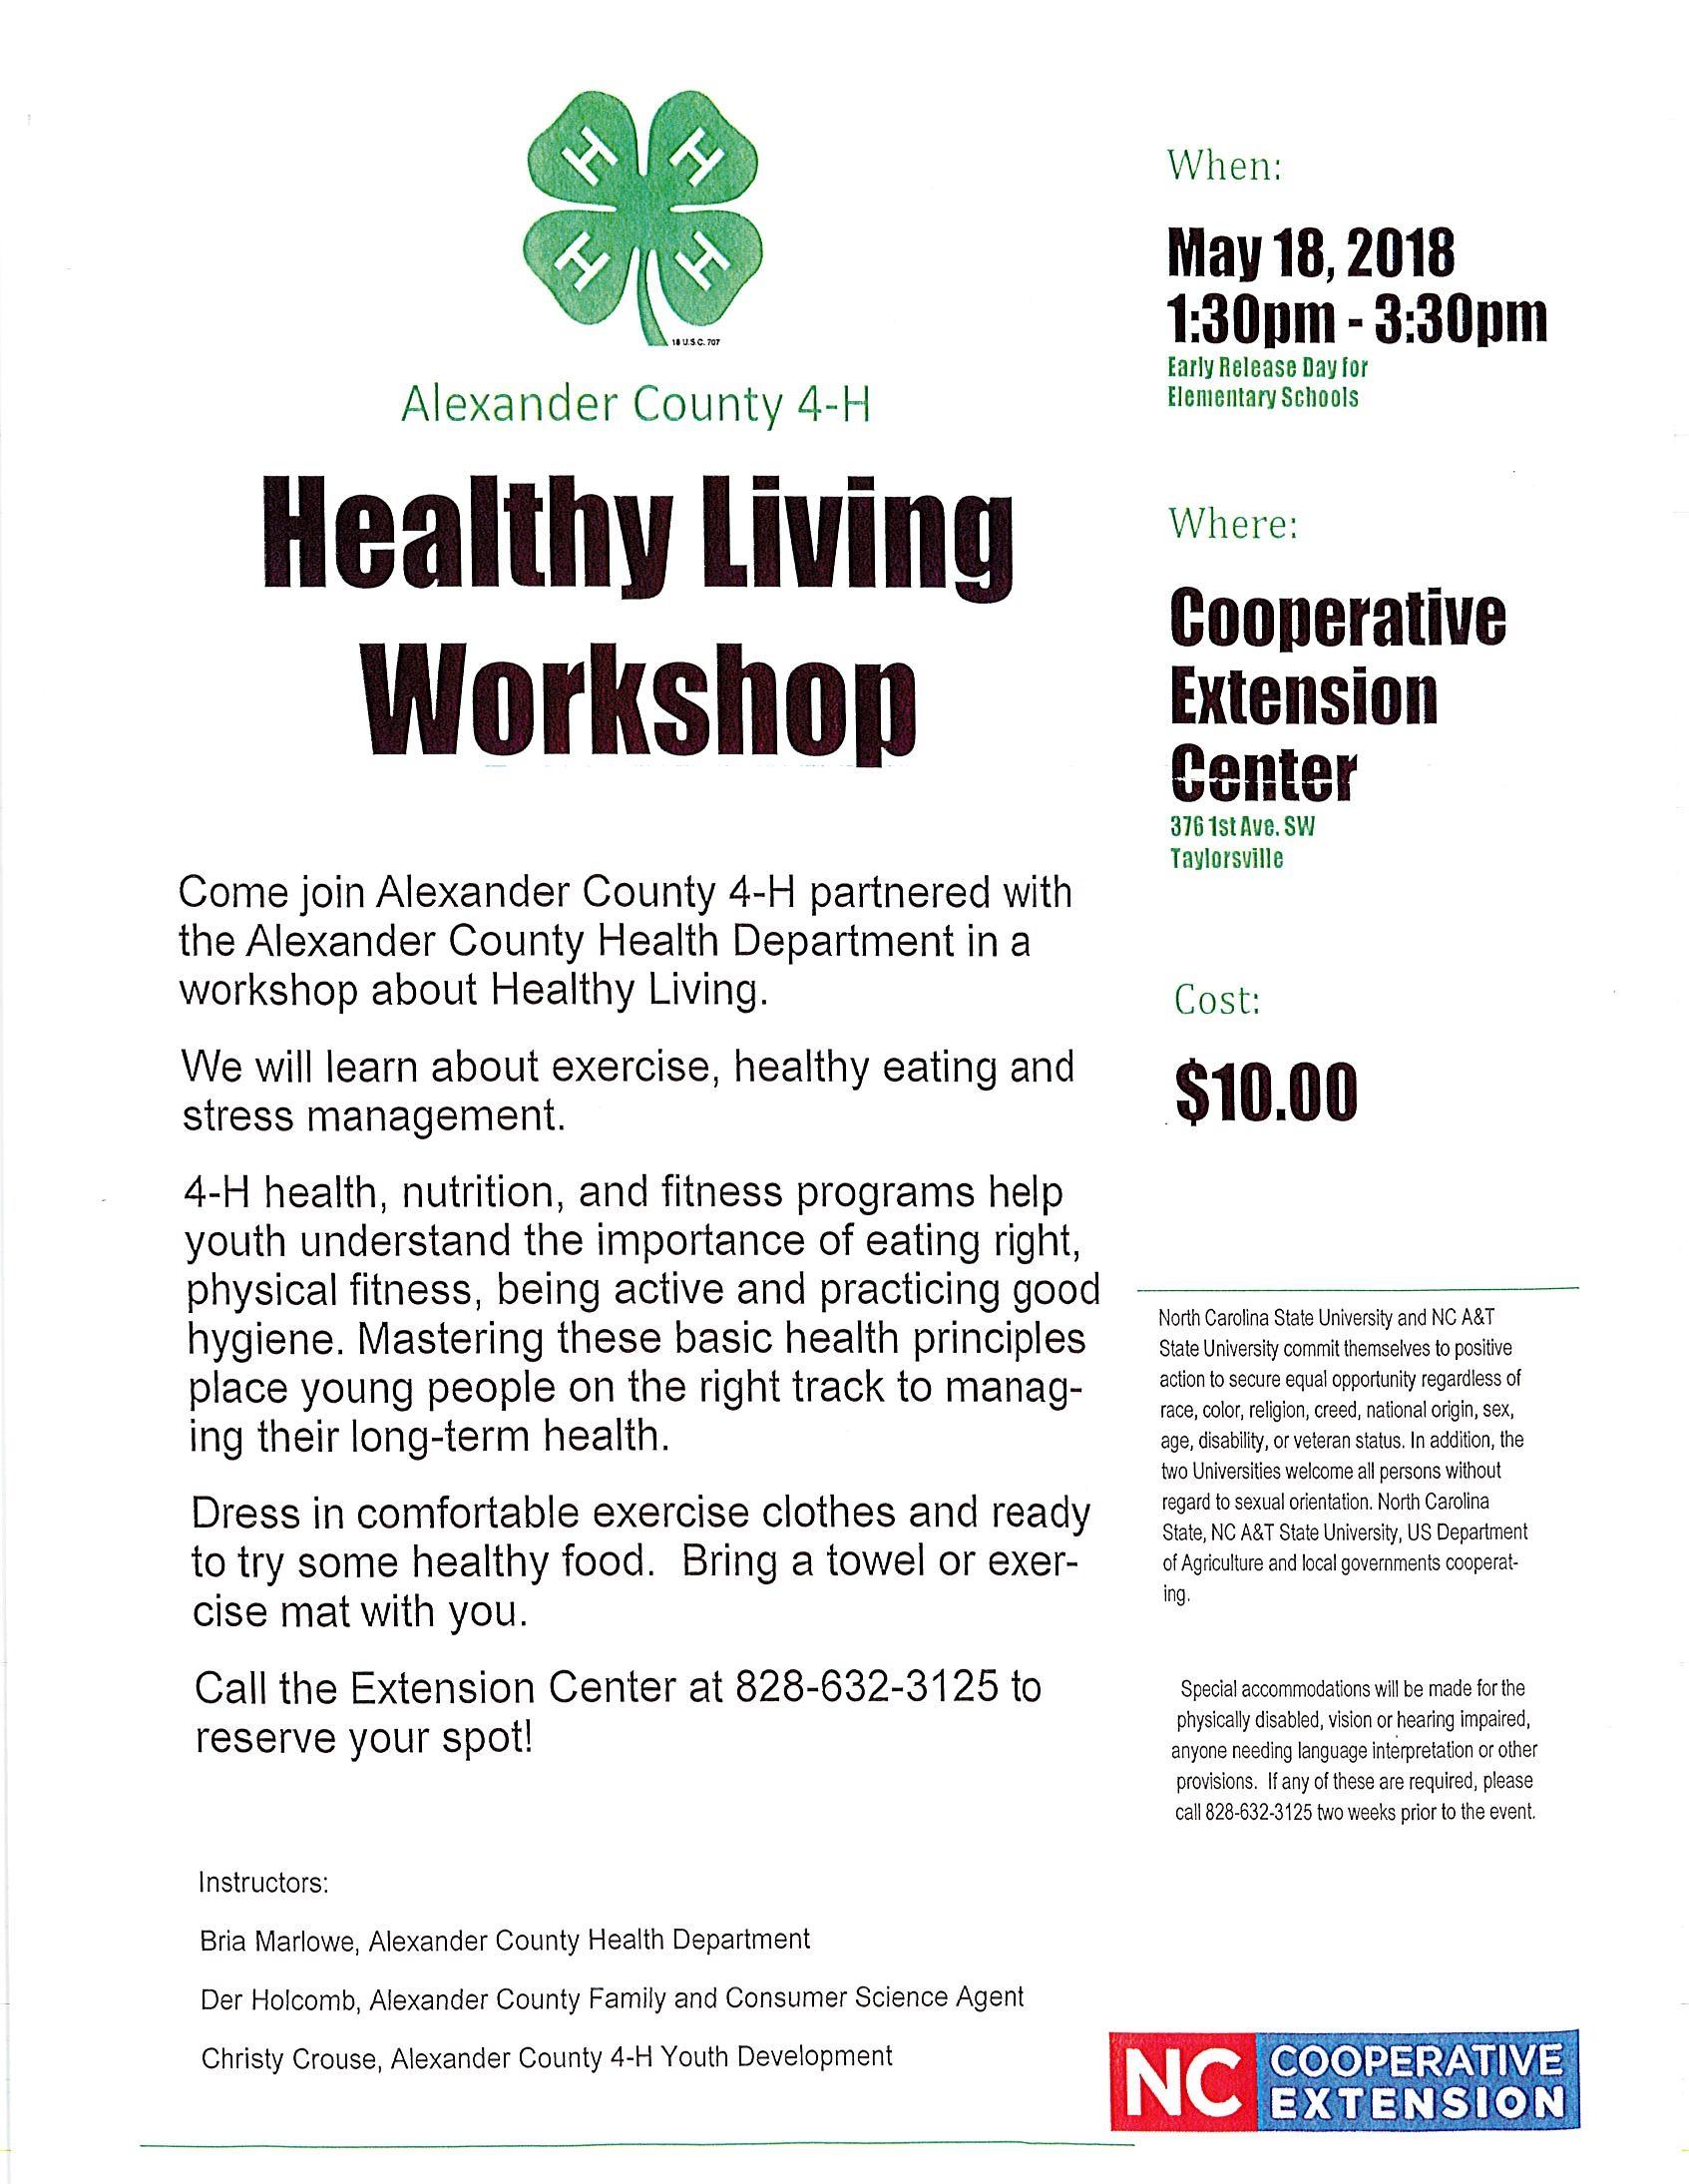 Healthy Living Workshop flyer